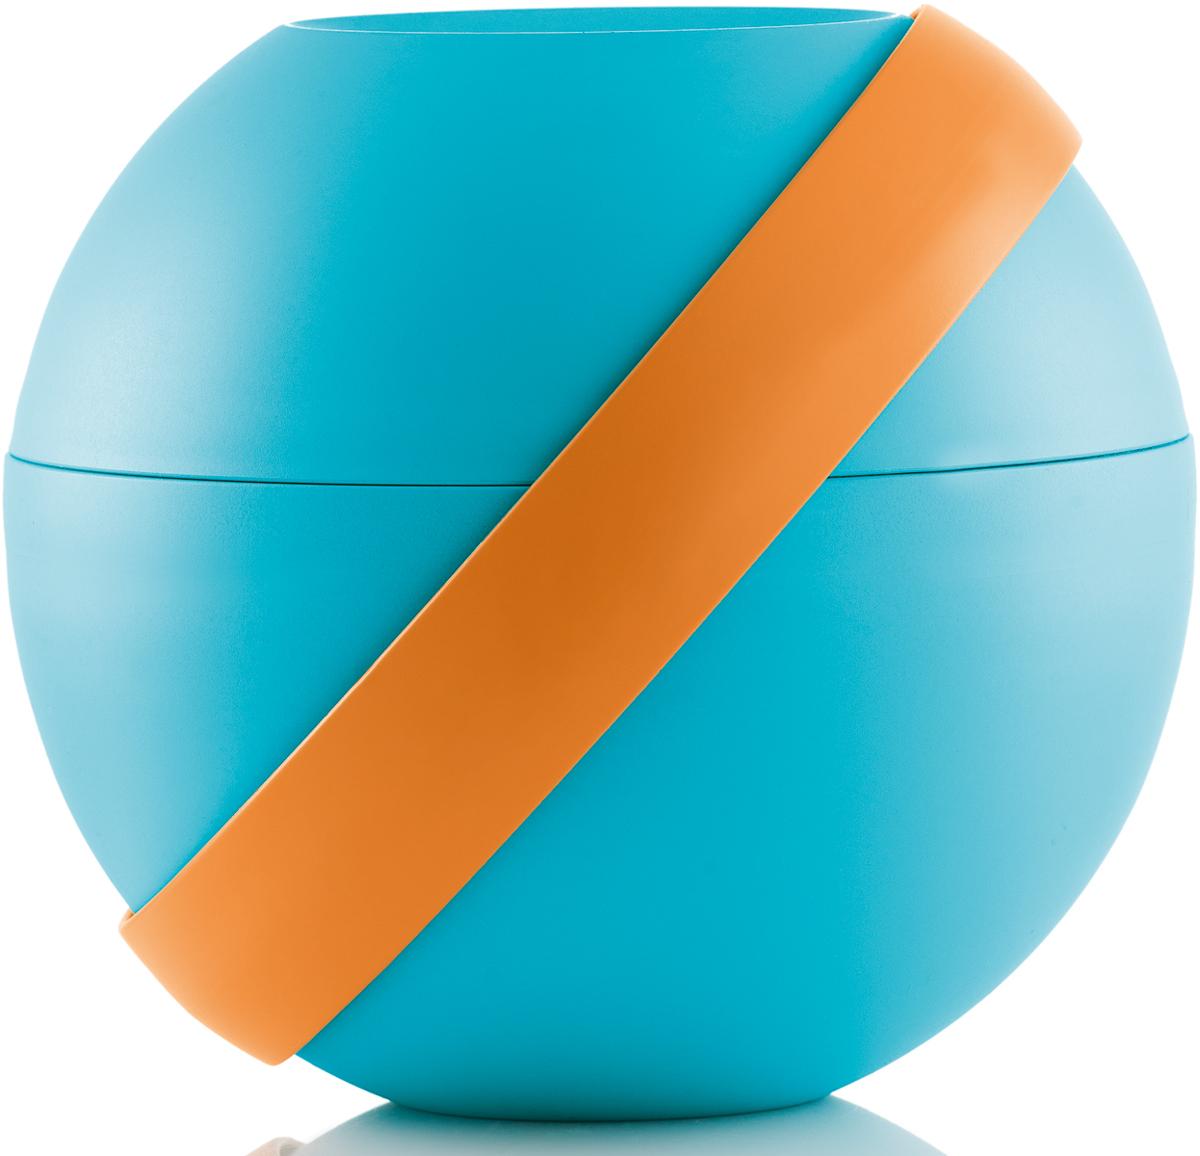 Ланч-бокс для салатов Guzzini Zero Chilled, цвет: бирюзовый,  мл + 780 мл100101166Ланч-бокс Zero Chilled является продолжением знаменитой линейки дизайнерских объектов от Guzzini, форма которых представляет собой шар. Он создан специально для тех, кто любит перекусить на ходу и хочет получать полезные вещества и ингредиенты, даже если находится в дороге. Он состоит из двух герметичных и вместительных чаш с крышкой, между которыми помещаются столовые приборы и охлаждающий элемент с отверстием для йогурта в центре. При желании пластиковые вилка и ложка соединяются в удобные щипцы для салата.Ланч-бокс открывается и закрывается с помощью стильной ручки-пояса, которая также может менять свое положение. Когда пояс расположен вертикально, ланч-бокс закрыт и готов для транспортировки. Если нужно поставить его на поверхность, то наклоните ручку немного вбок, а для открытия приведите в горизонтальное положение. Ланч-бокс отлично подойдет для салатов, легких закусок, орехов и фруктов. Объем верхней чаши -  мл. Нижней - 780 мл. Не содержит вредных примесей и бисфенола-А. Можно мыть в посудомоечной машине. Не использовать в микроволновой печи.